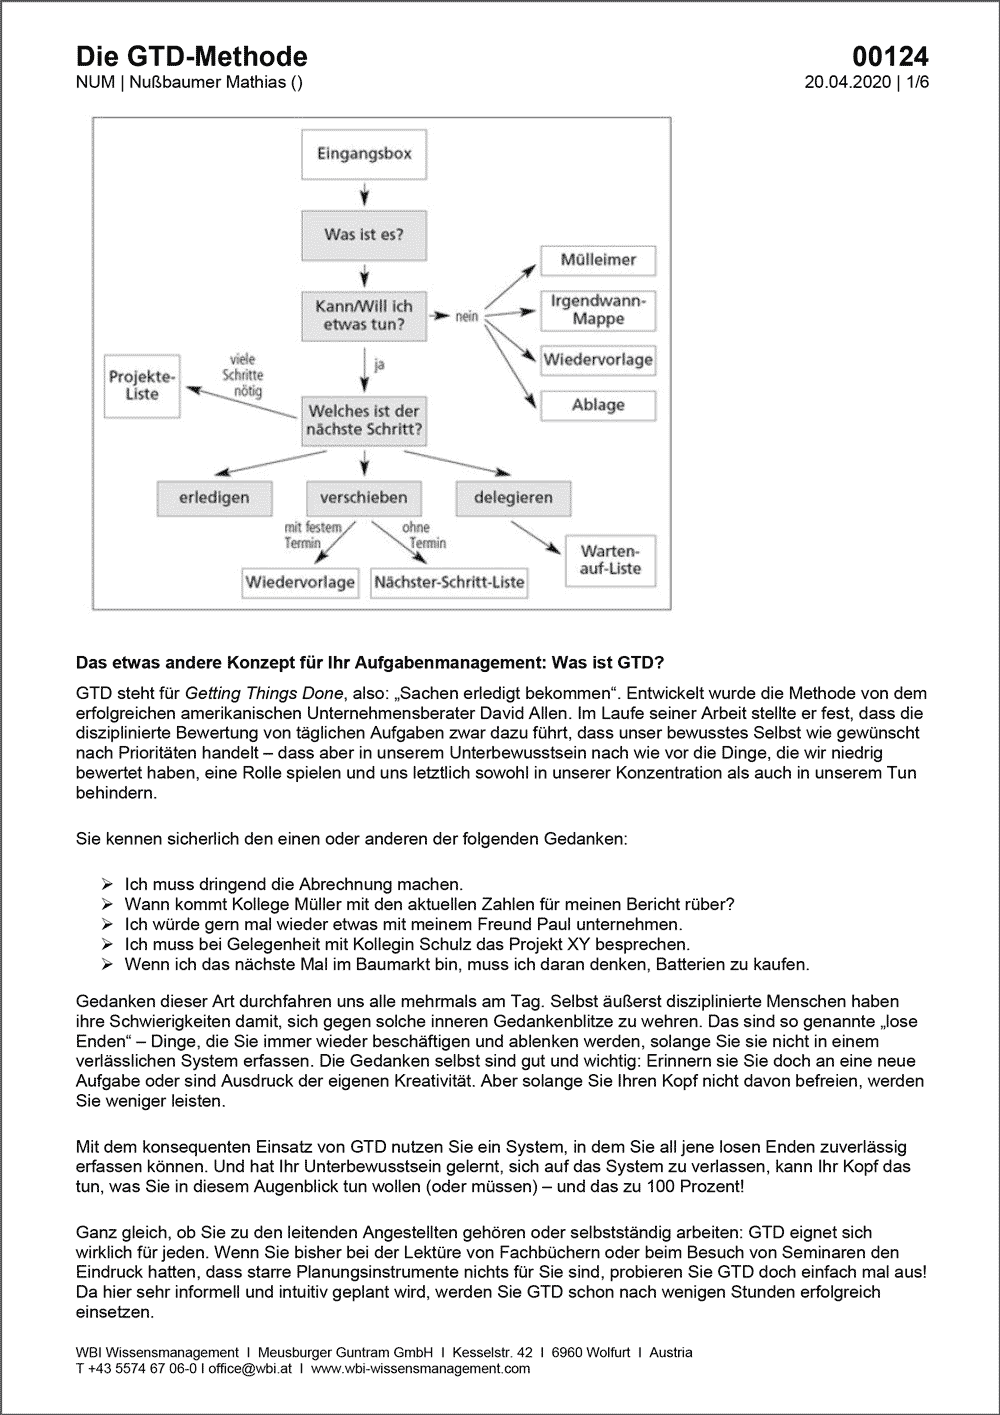 WBI-Vorlage-Die-GTD-Methode